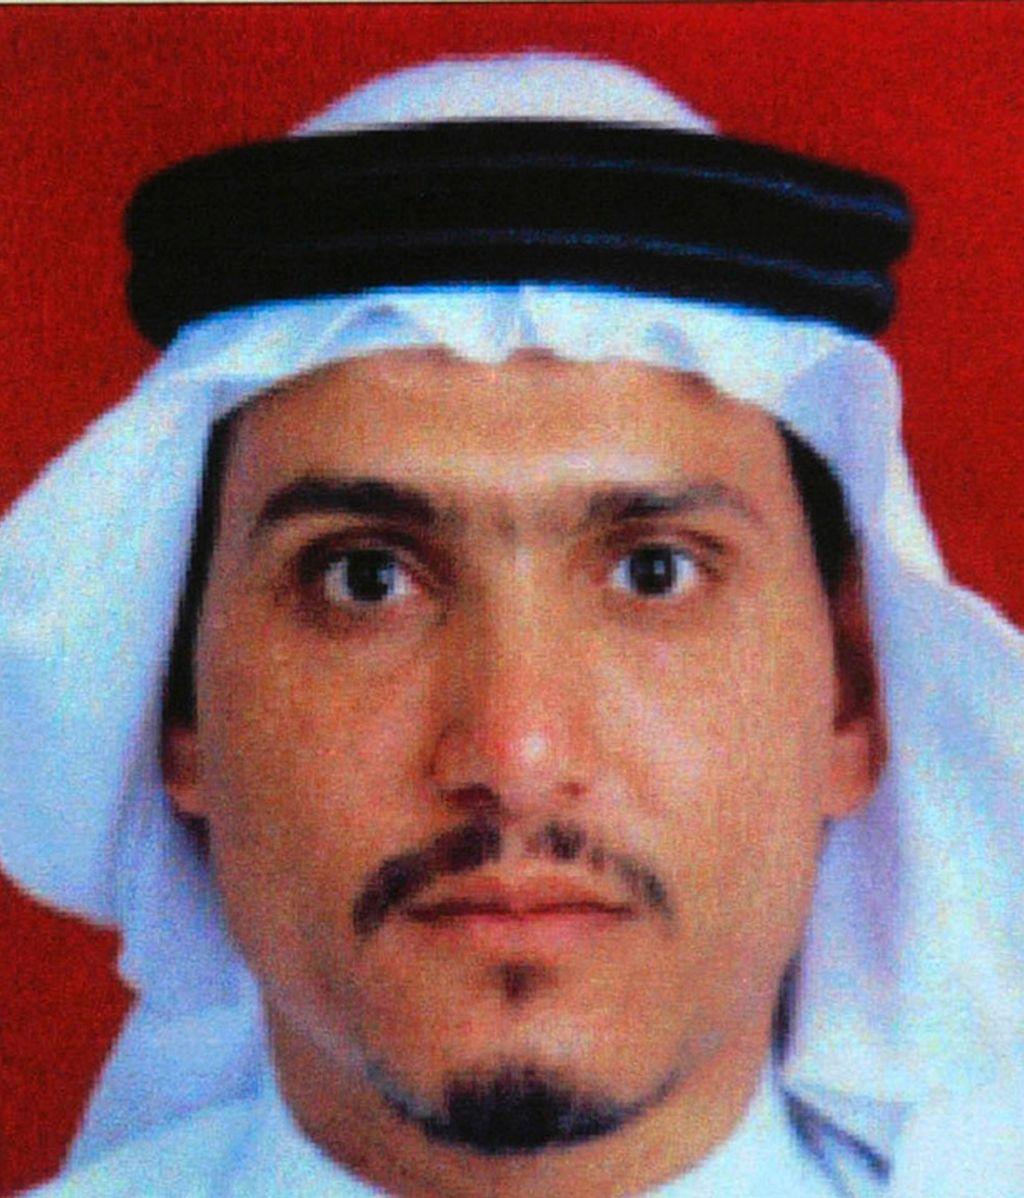 La muerte del Líder de Al Qaeda